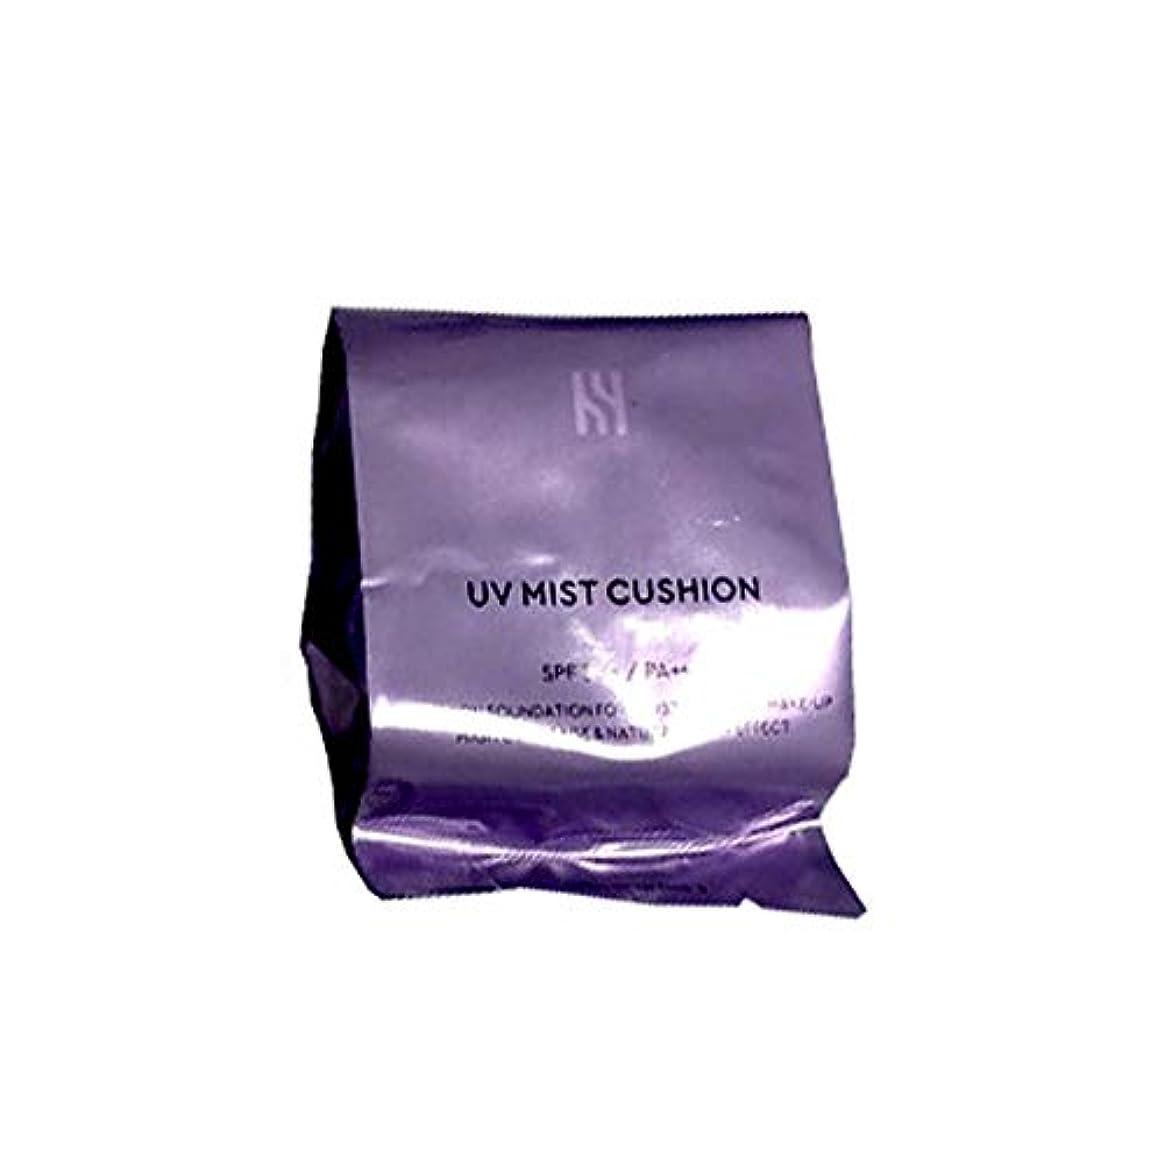 夫婦一般的にオゾンHERA(ヘラ) UVミストクッション(カバー)SPF50+/PA+++ [リフィルのみ] C17号/ロゼバニラ